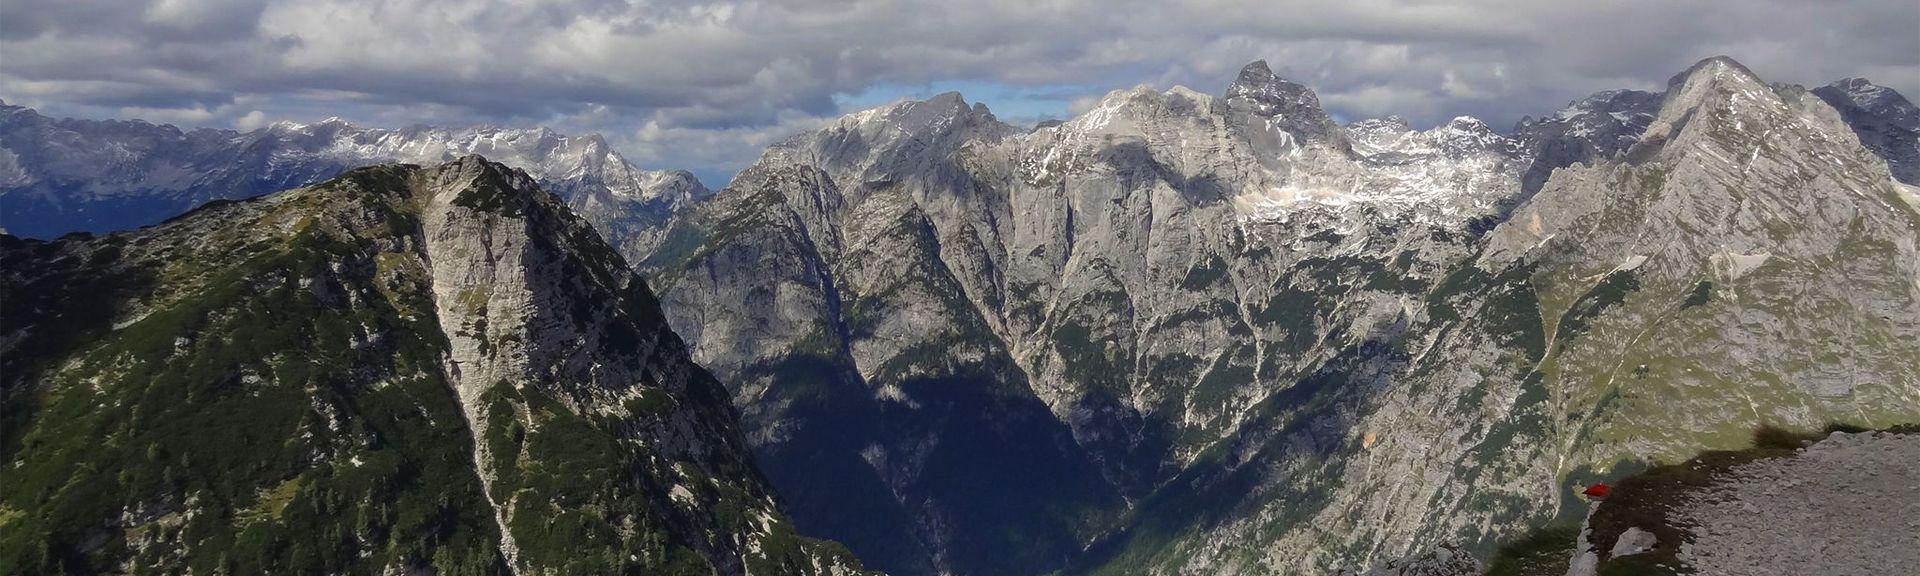 Ribčev Laz, Slovenia